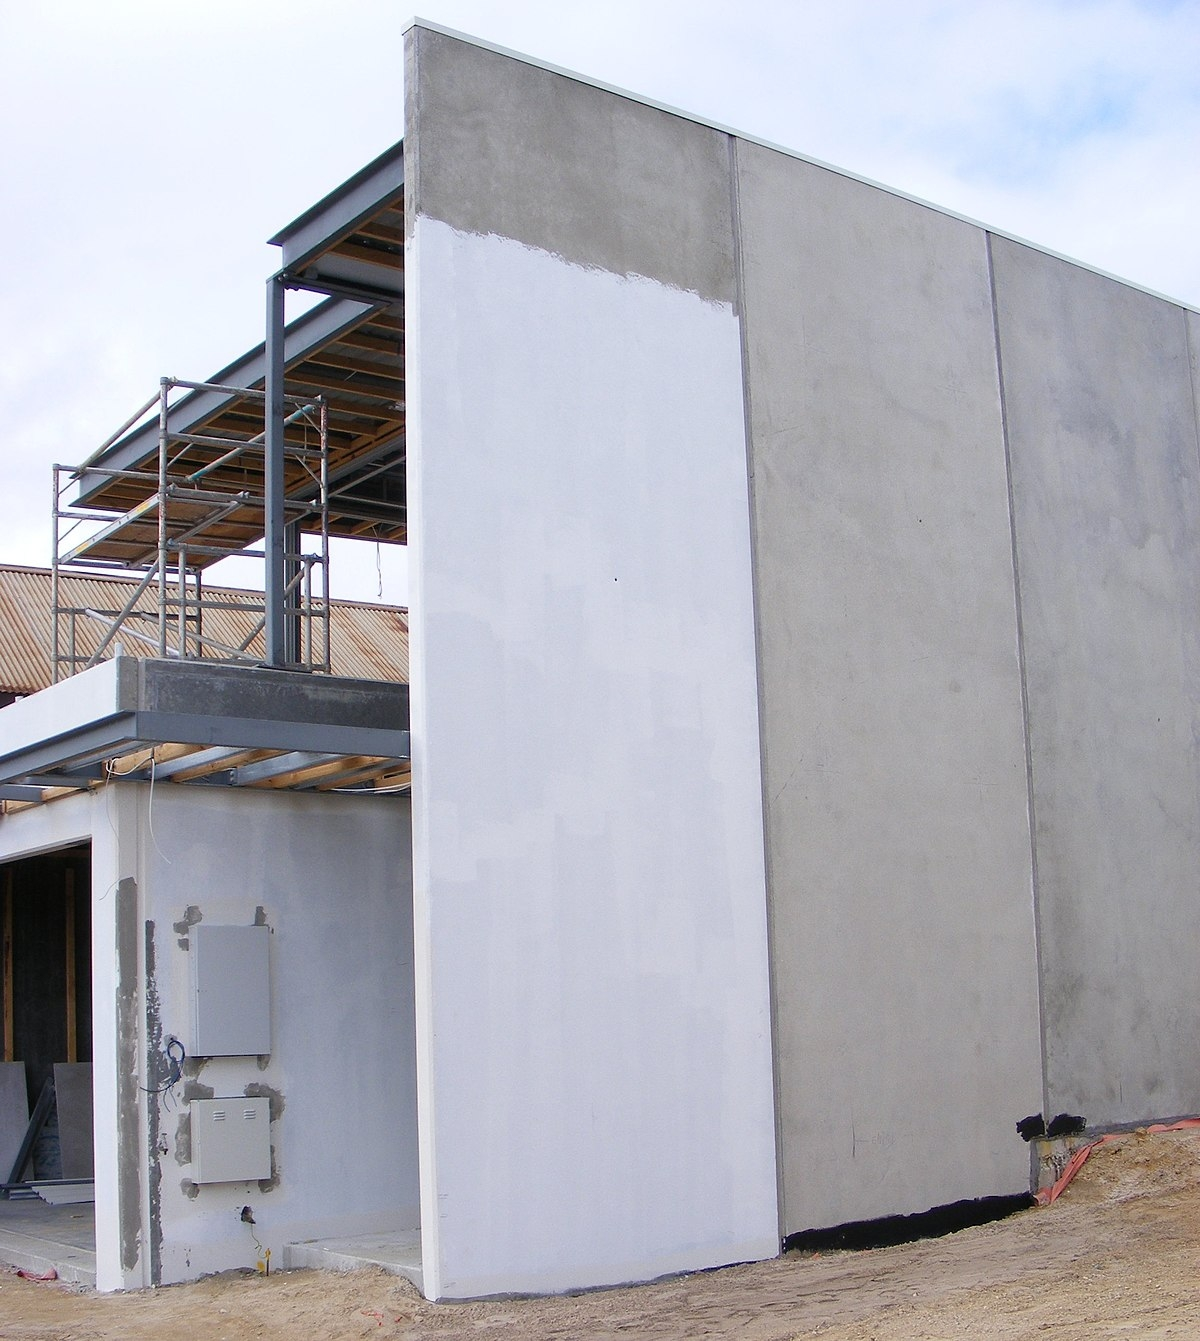 Precast Concrete Wikipedia   Precast Concrete Basement Steps Near Me   Basement Ideas   Concrete Slab   Basement Entrance   Bilco Doors   Walkout Basement